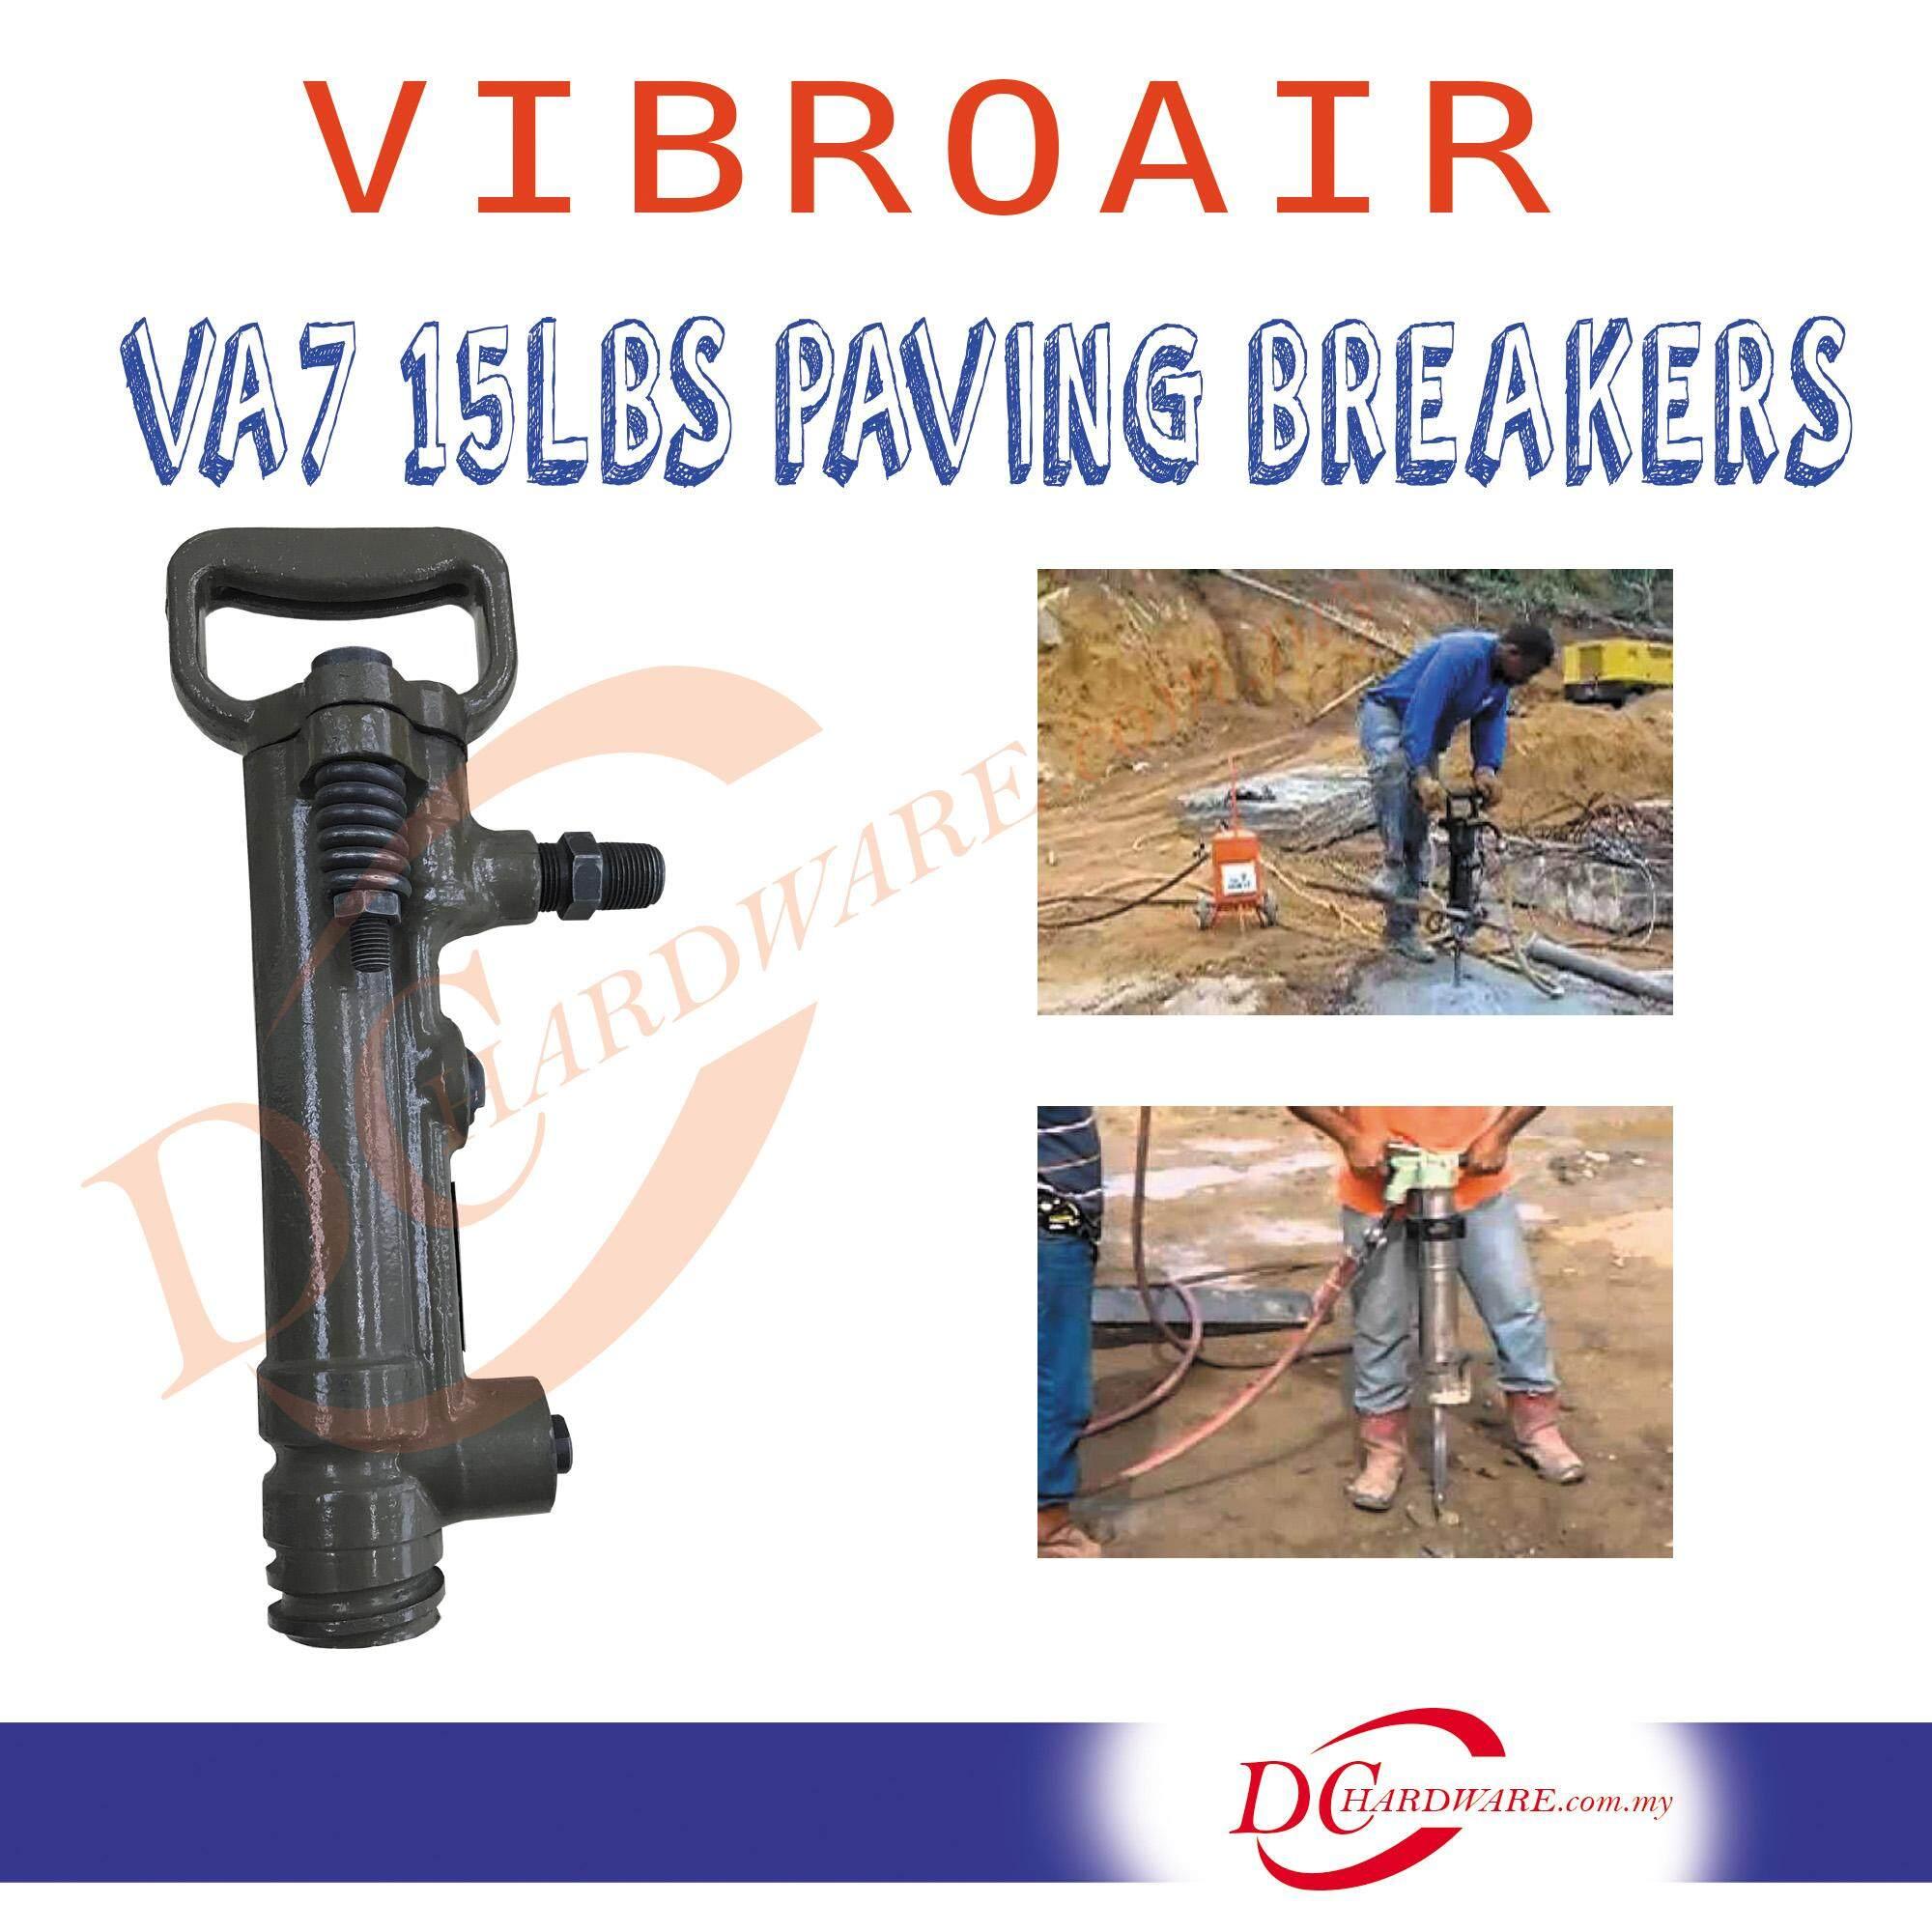 VIBROAIR 15LBS PNEUMATIC BREAKER / AIR HAMMER (VA-7)